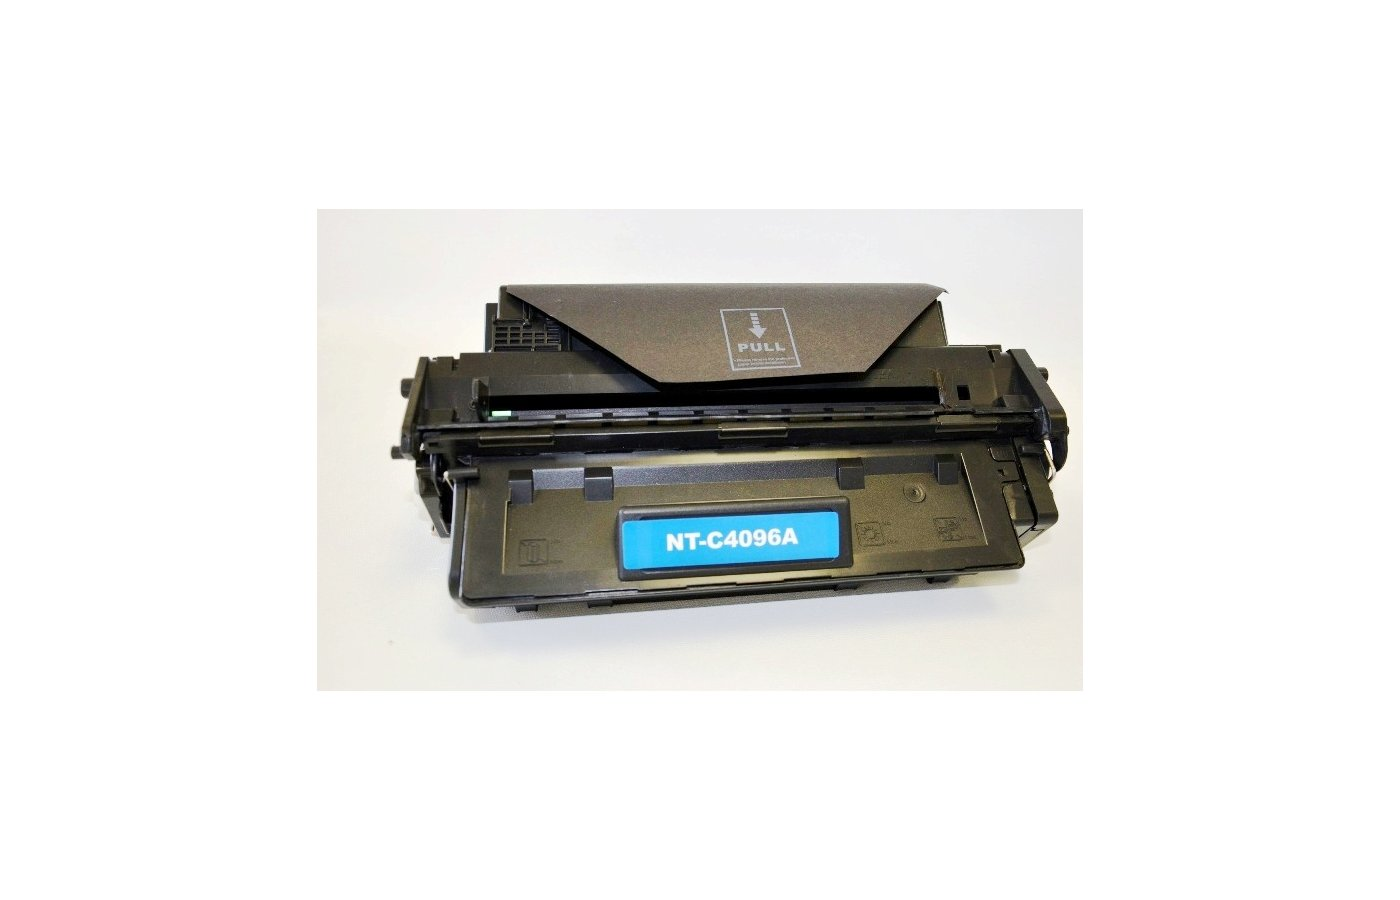 Картридж лазерный GG NT-C4096A Совместимый для HP LaserJet 2000/2100/2200 (5000 стр)